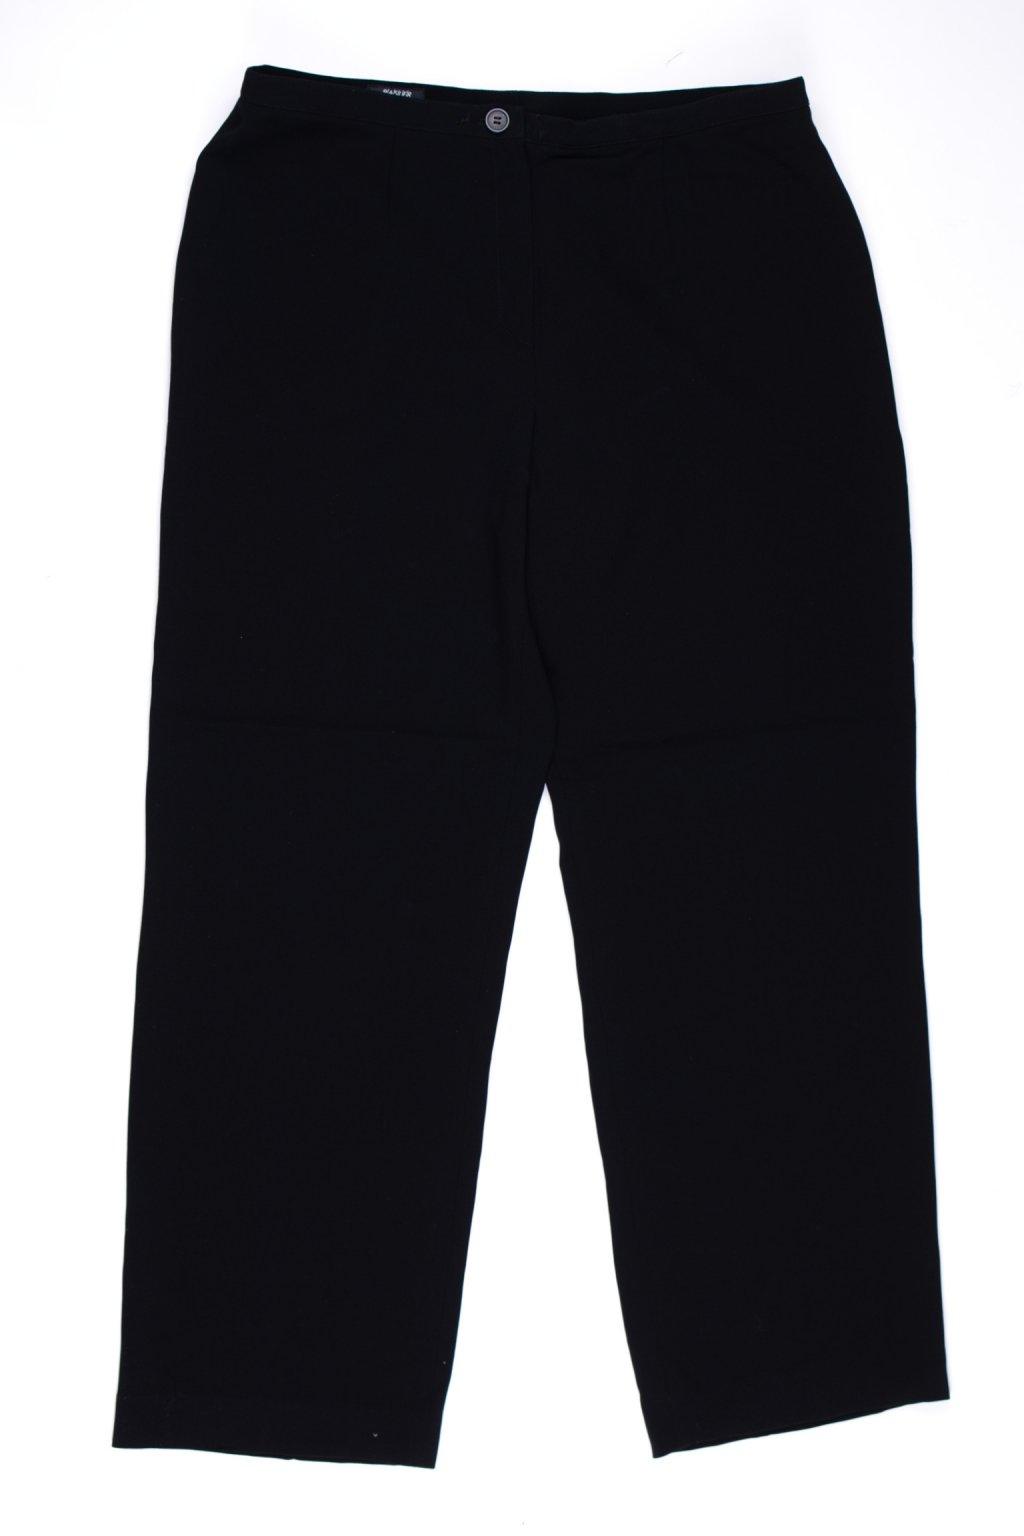 Kalhoty formální Basler vel M/L 42-44 černé